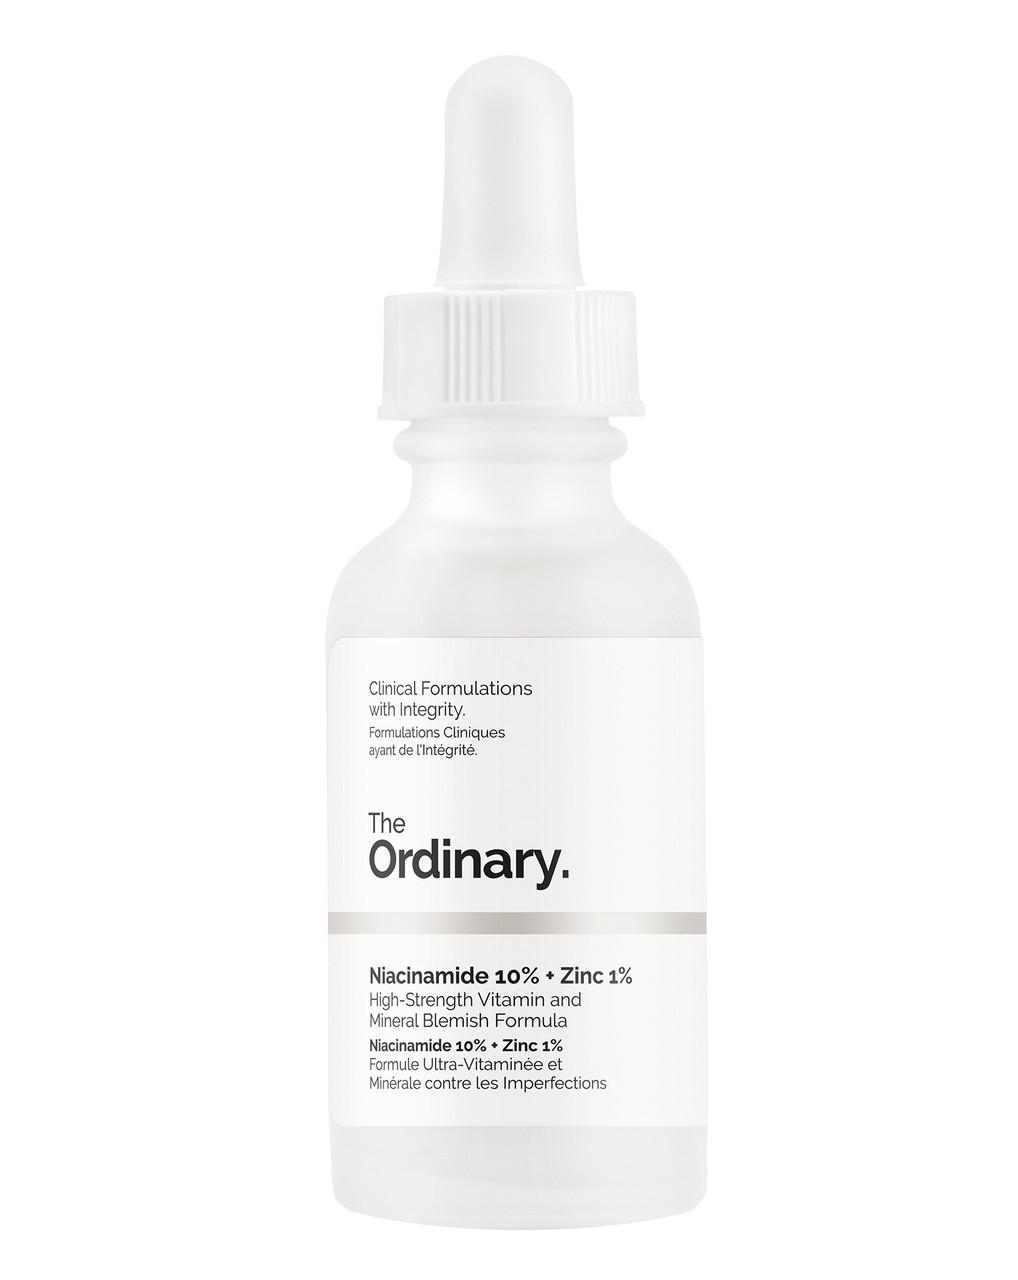 Сыворотка с витамином В3 и цинком [THE ORDINARY] Niacinamide 10% + Zinc 1%, 30мл